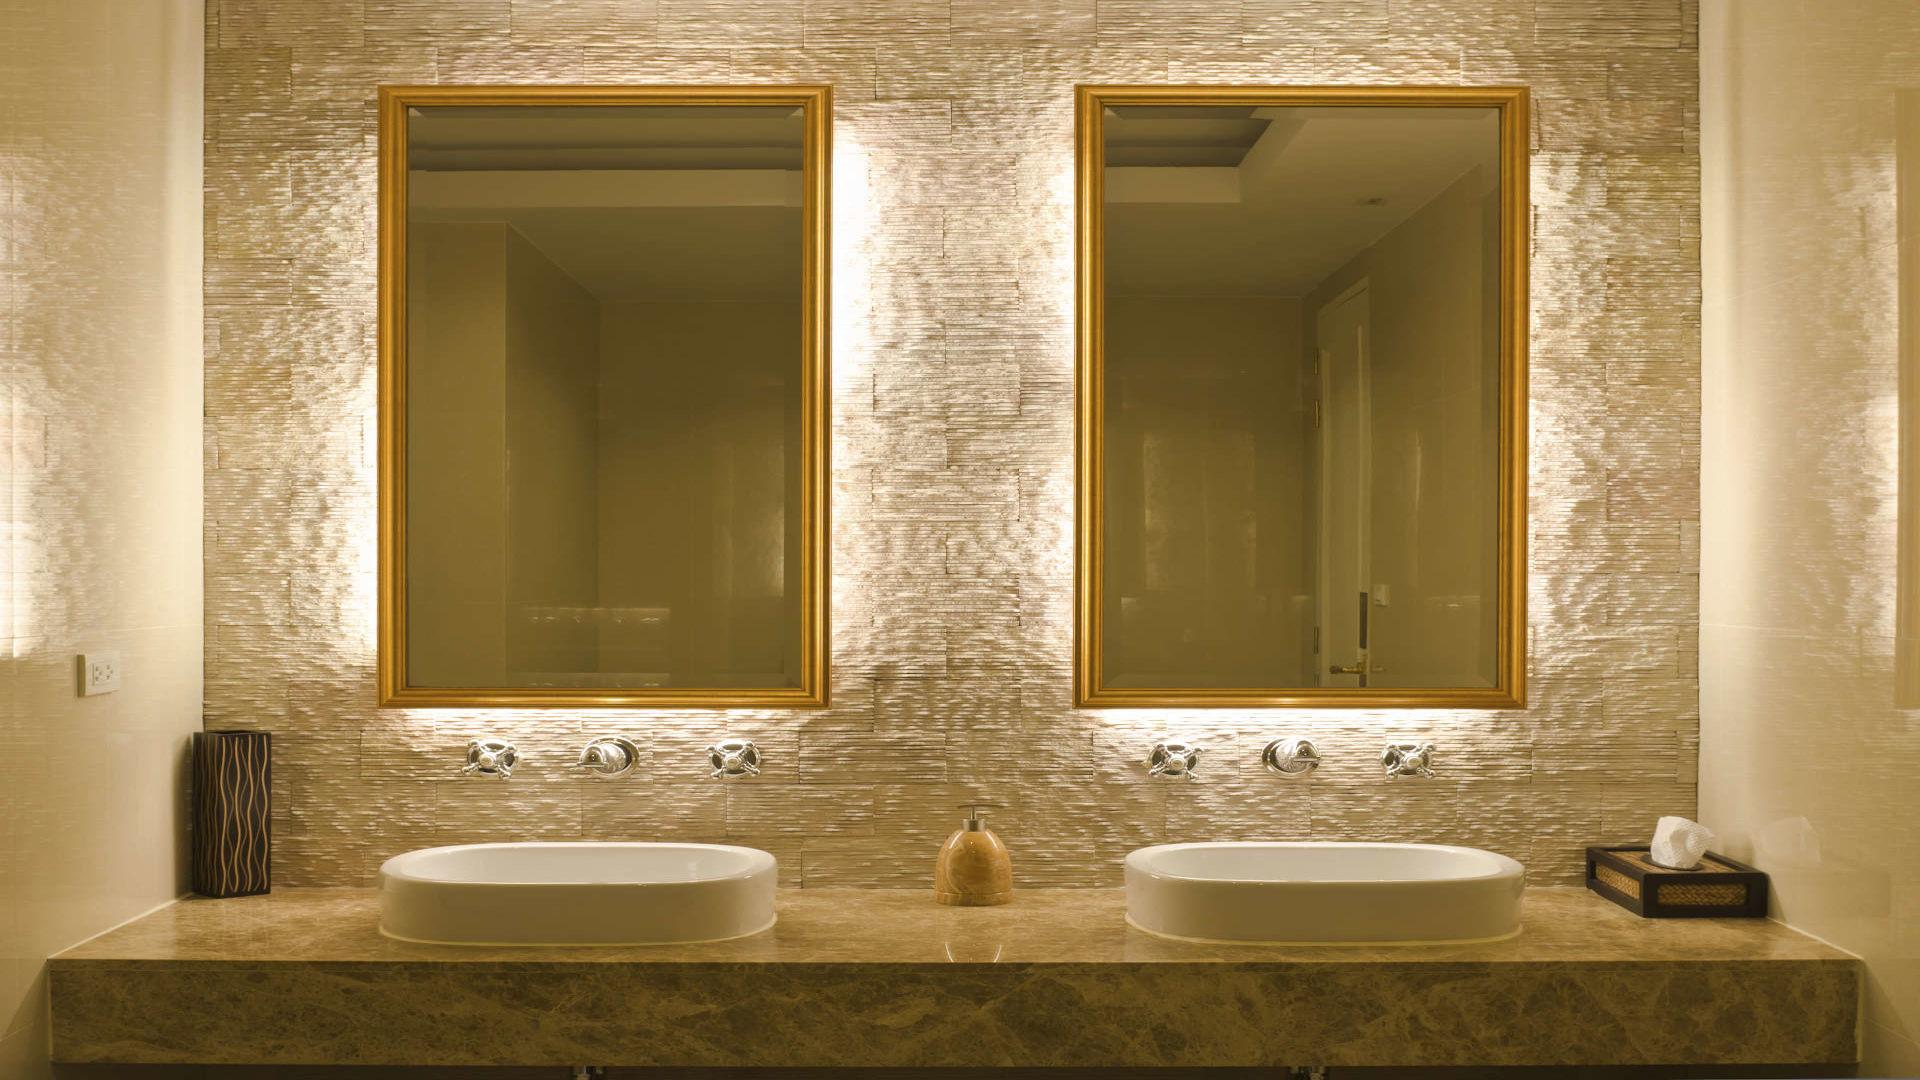 Badezimmer mit 2 Spiegeln